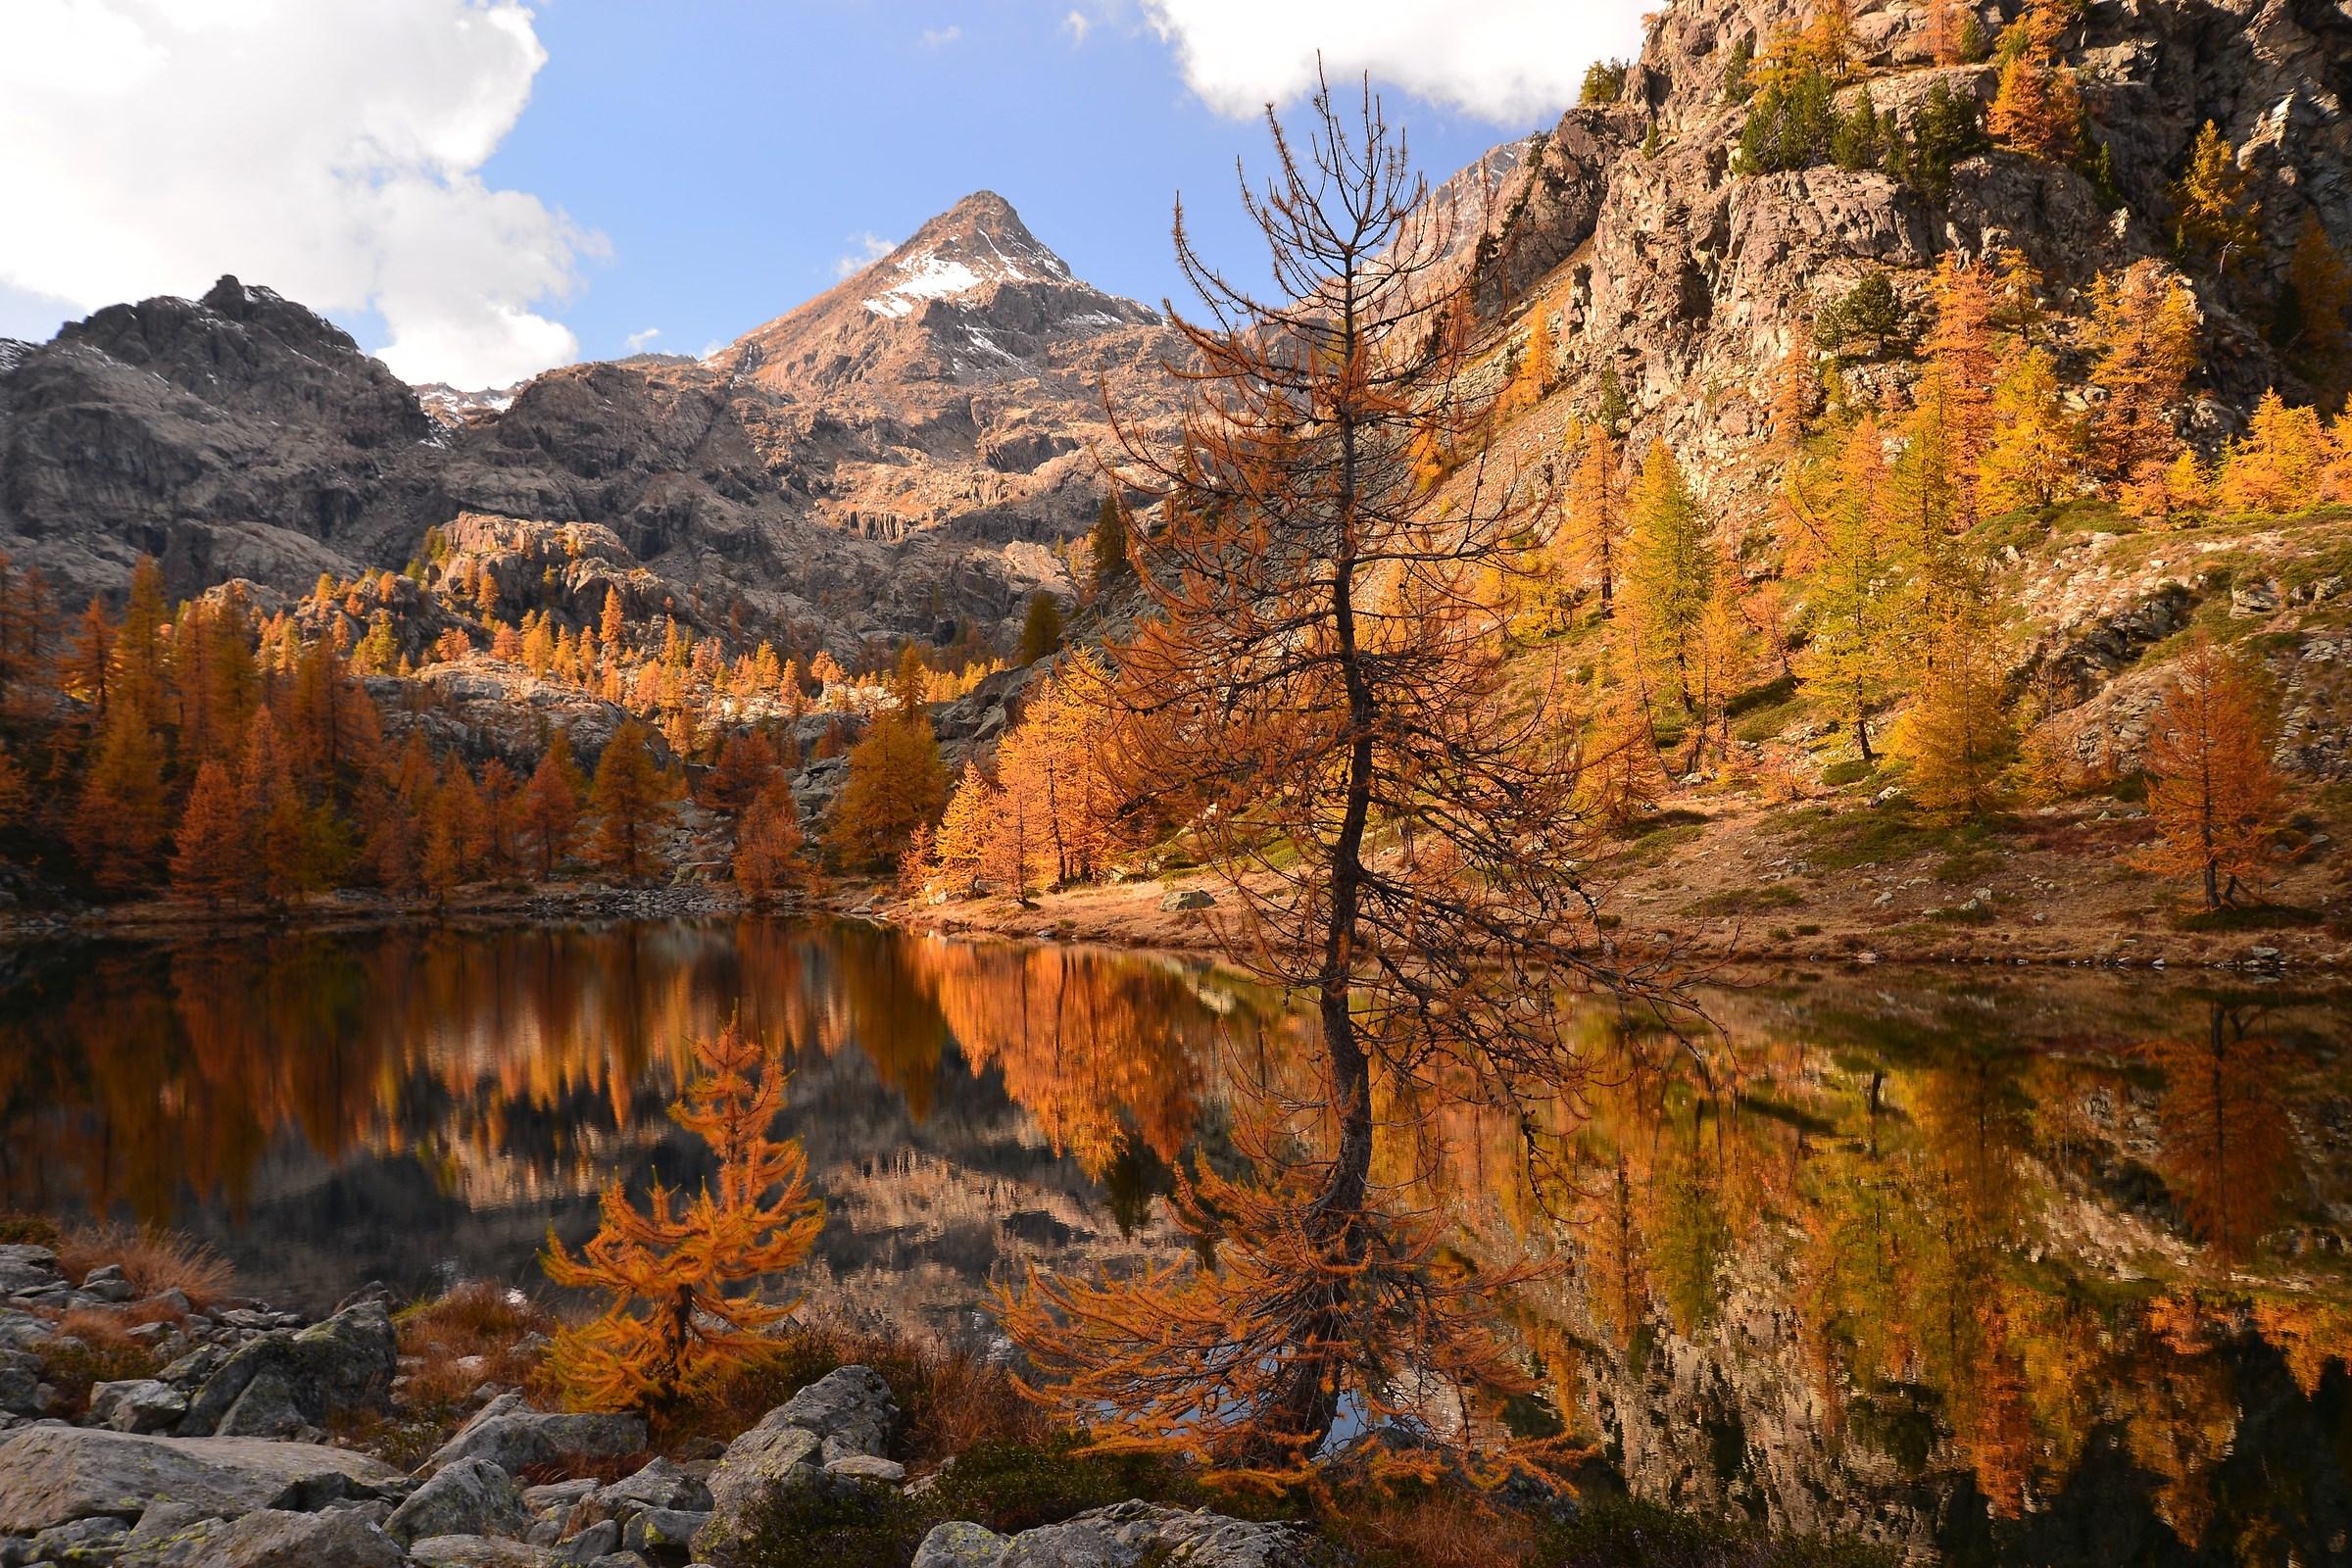 I colori dell' autunno...